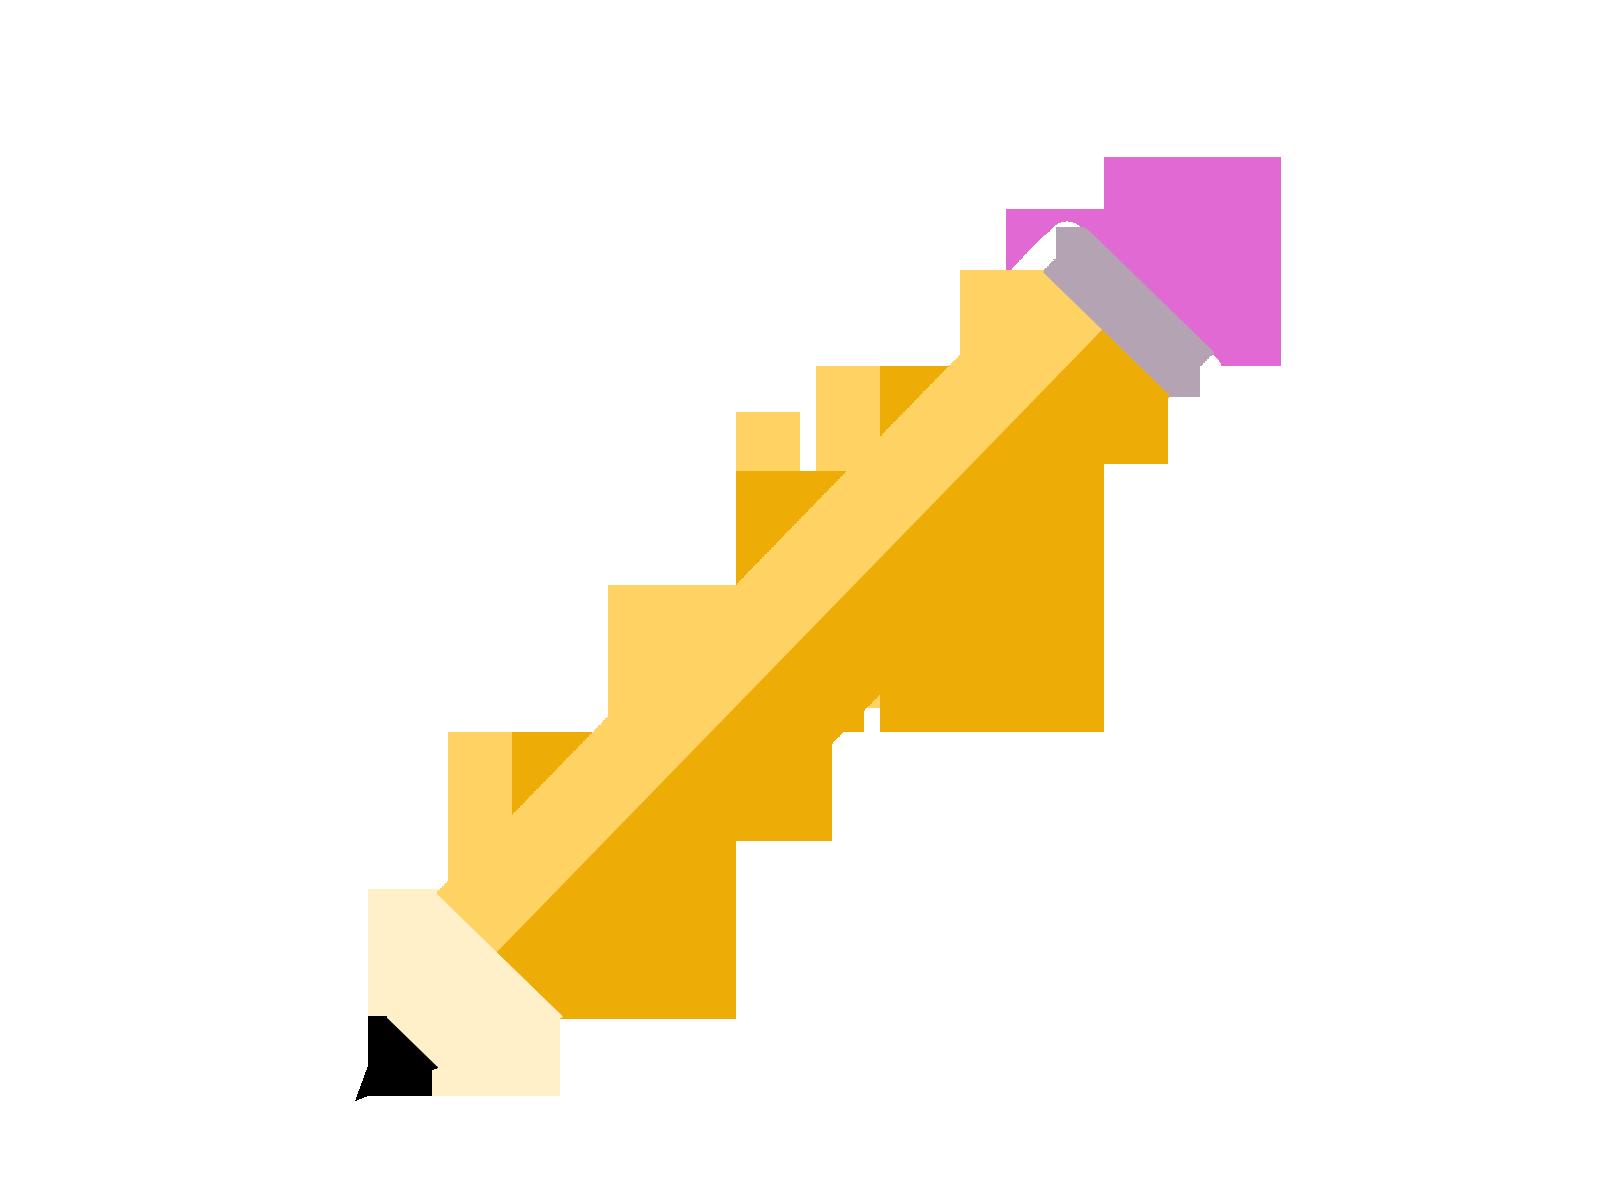 1600x1200 Pencil Png Transparent Pencil.png Images. Pluspng